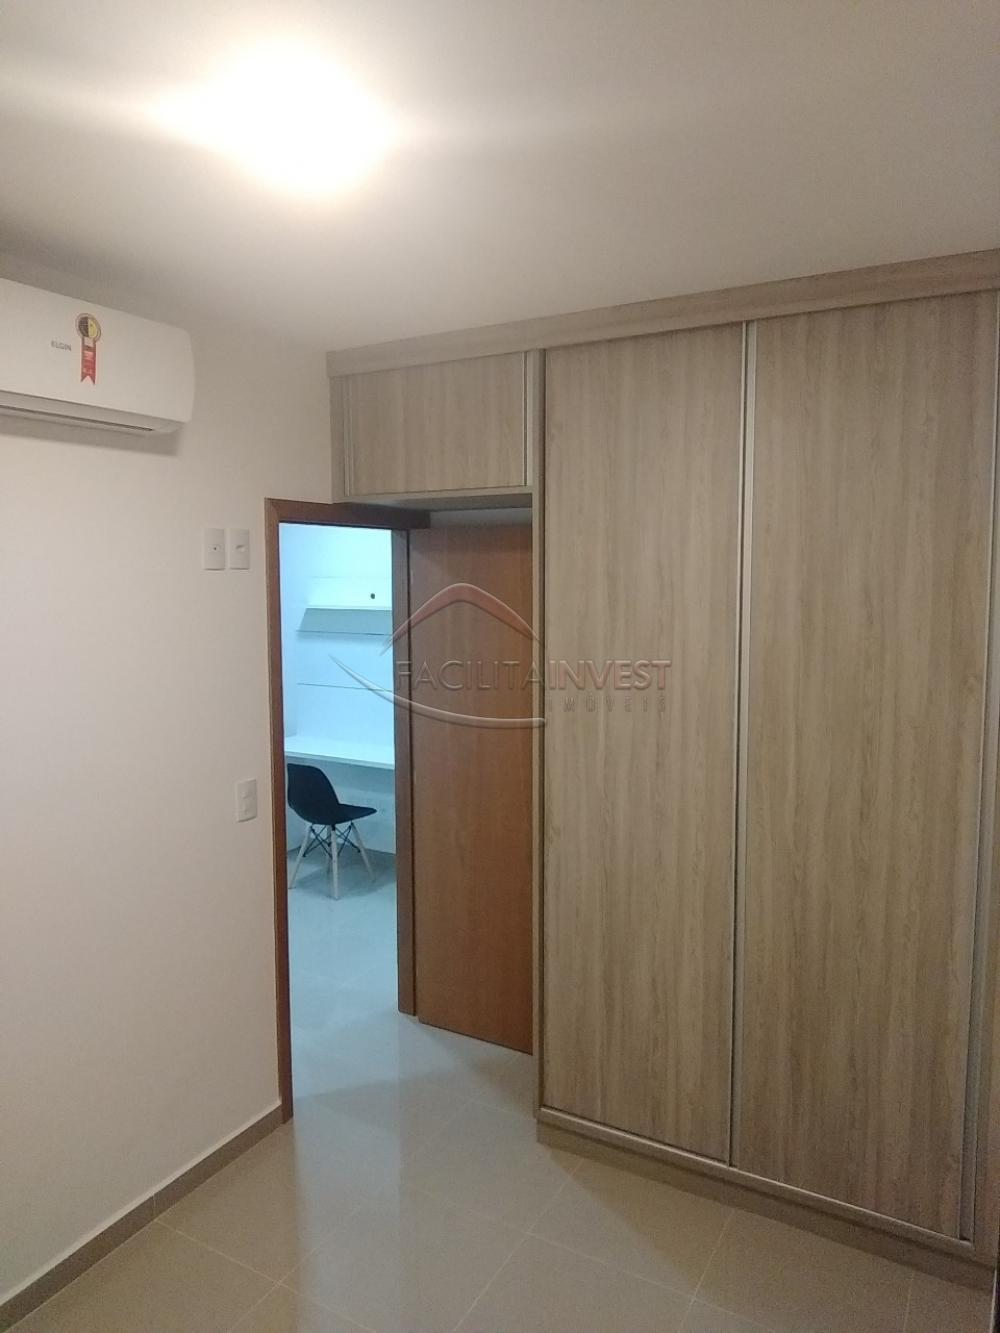 Alugar Apartamentos / Apart. Padrão em Ribeirão Preto apenas R$ 890,00 - Foto 1